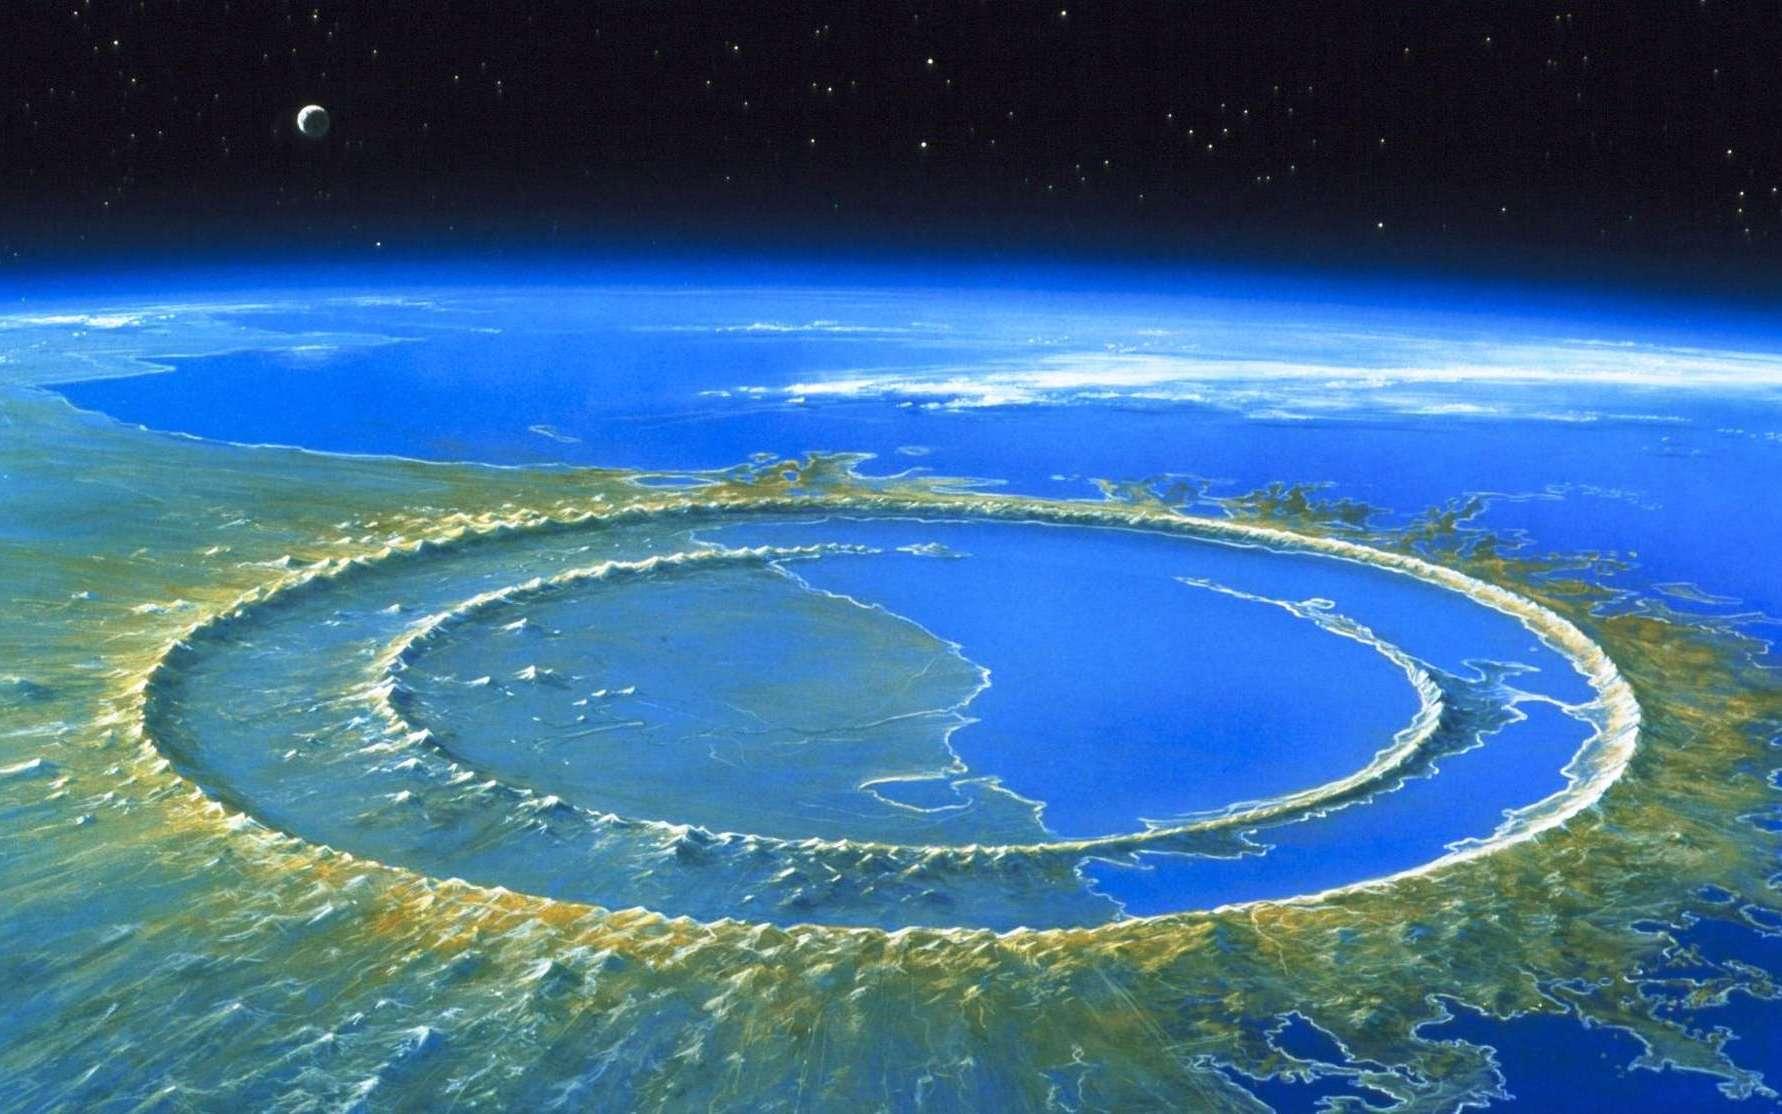 Le cratère de Chixculub quelques milliers d'années après la disparition des dinosaures, une image d'artiste. © Detlev van Ravenswaay, Science Source